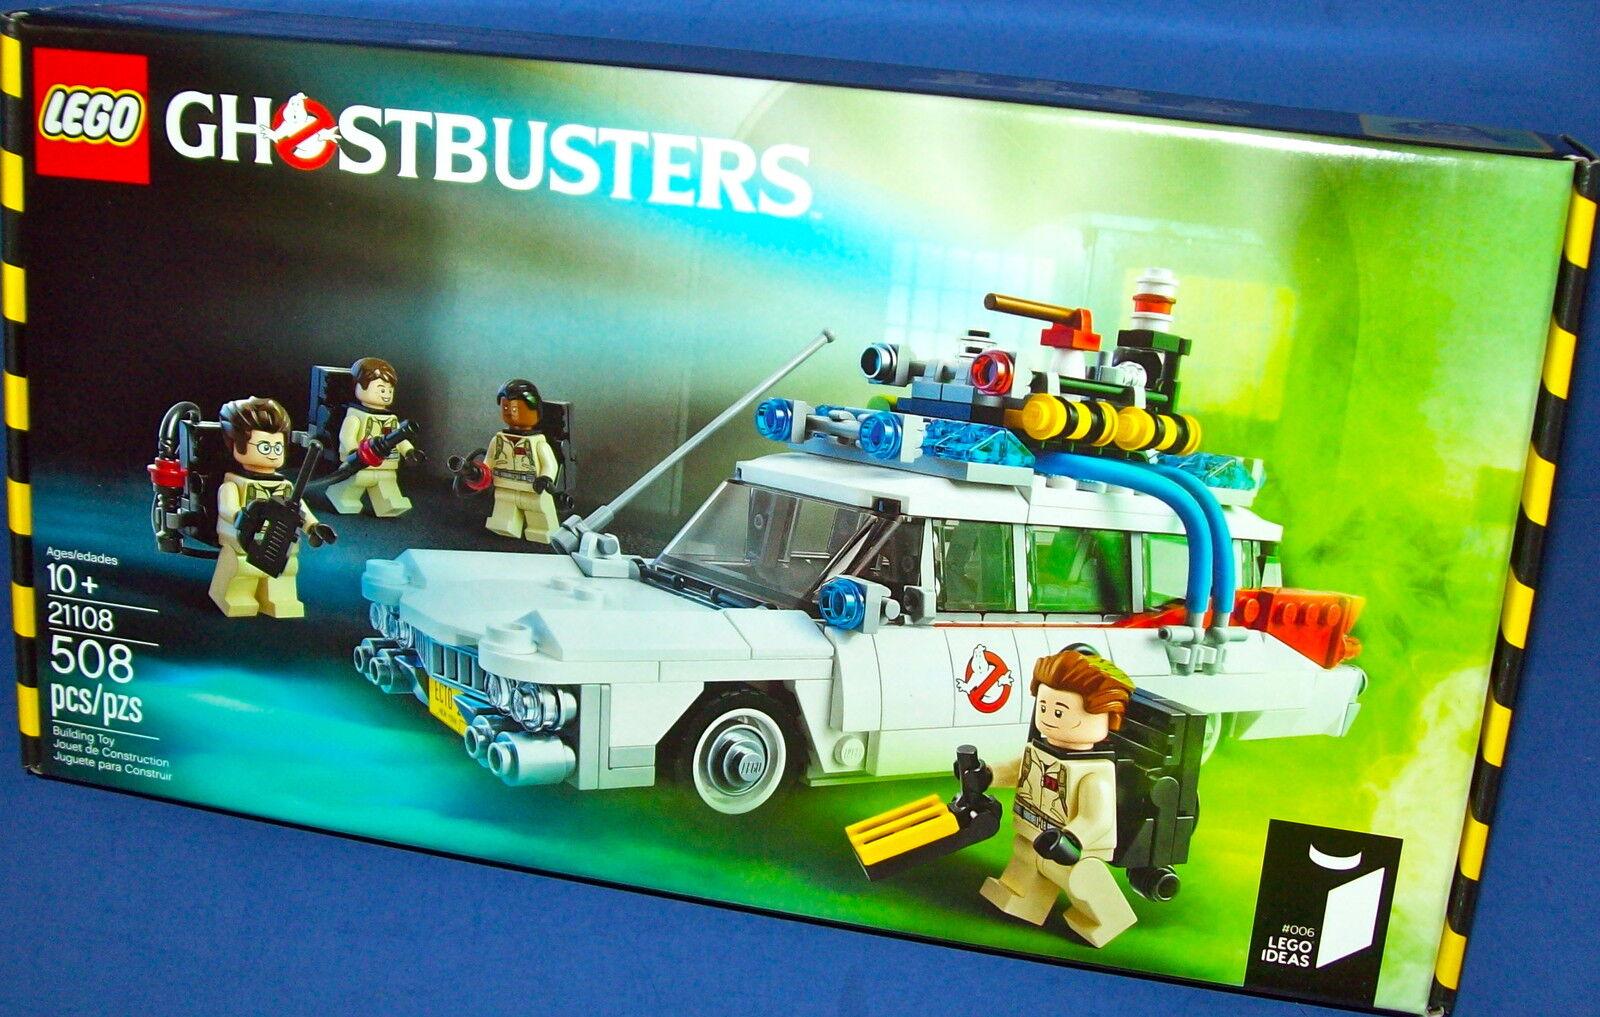 Lego 21108 Ghostbusters ECTO-1 Ideen B Nisb Limitiert Neu Htf Limitiert Nisb 30-anniversary 330729